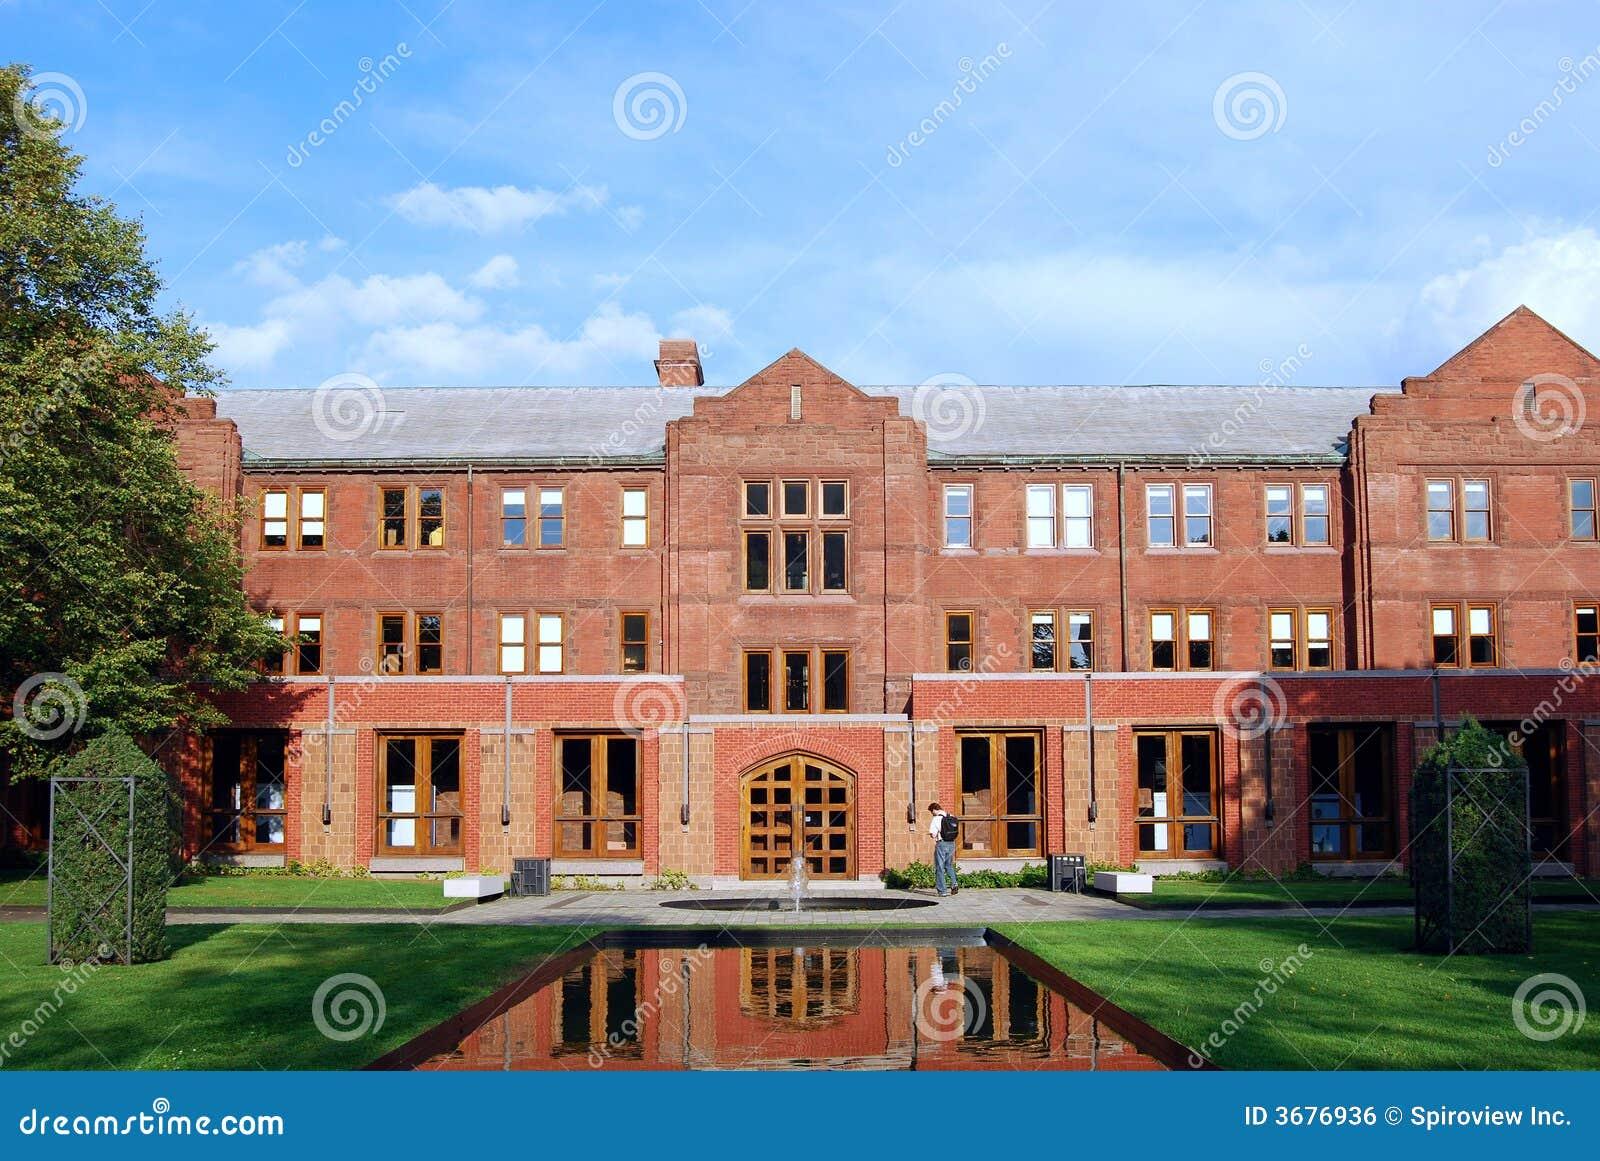 Download Istituto Universitario & Giardino Dentellare Del Mattone Fotografia Stock - Immagine di riflettere, quadrilatero: 3676936